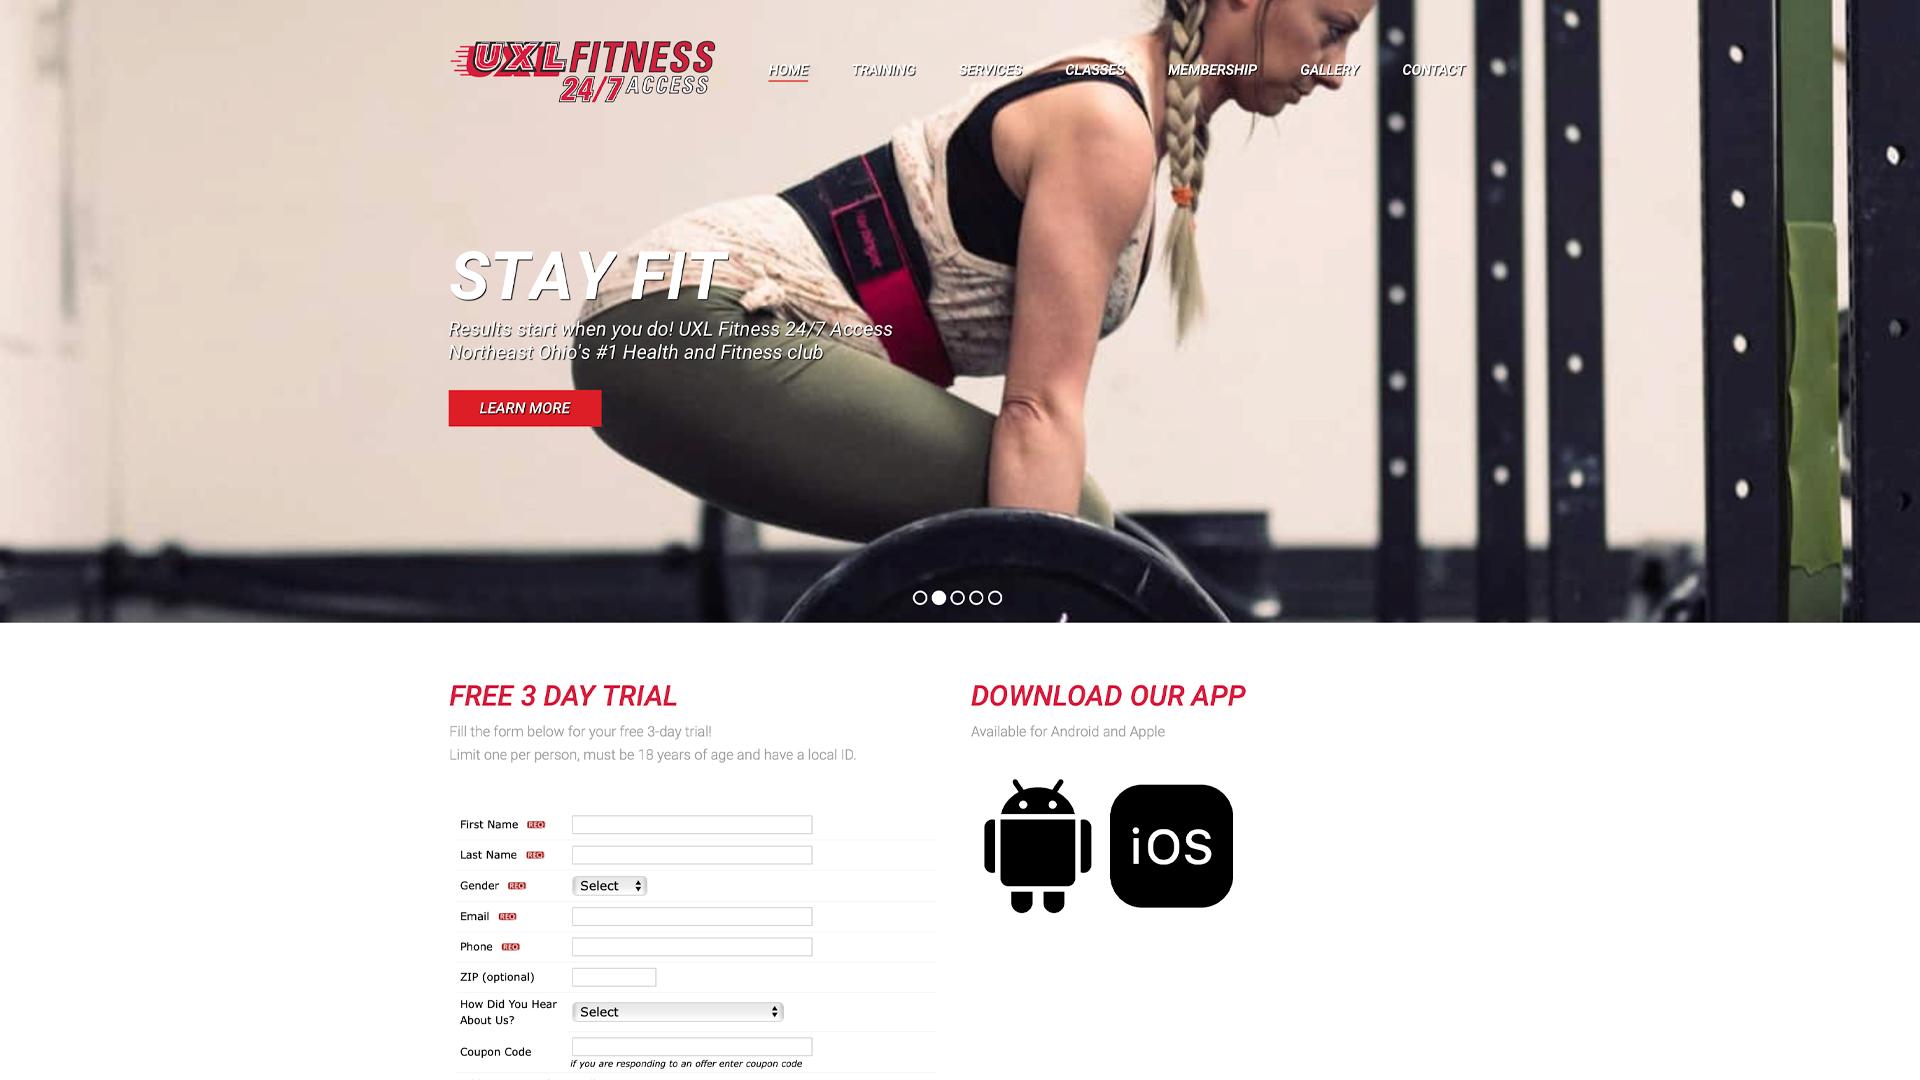 UXL Fitness